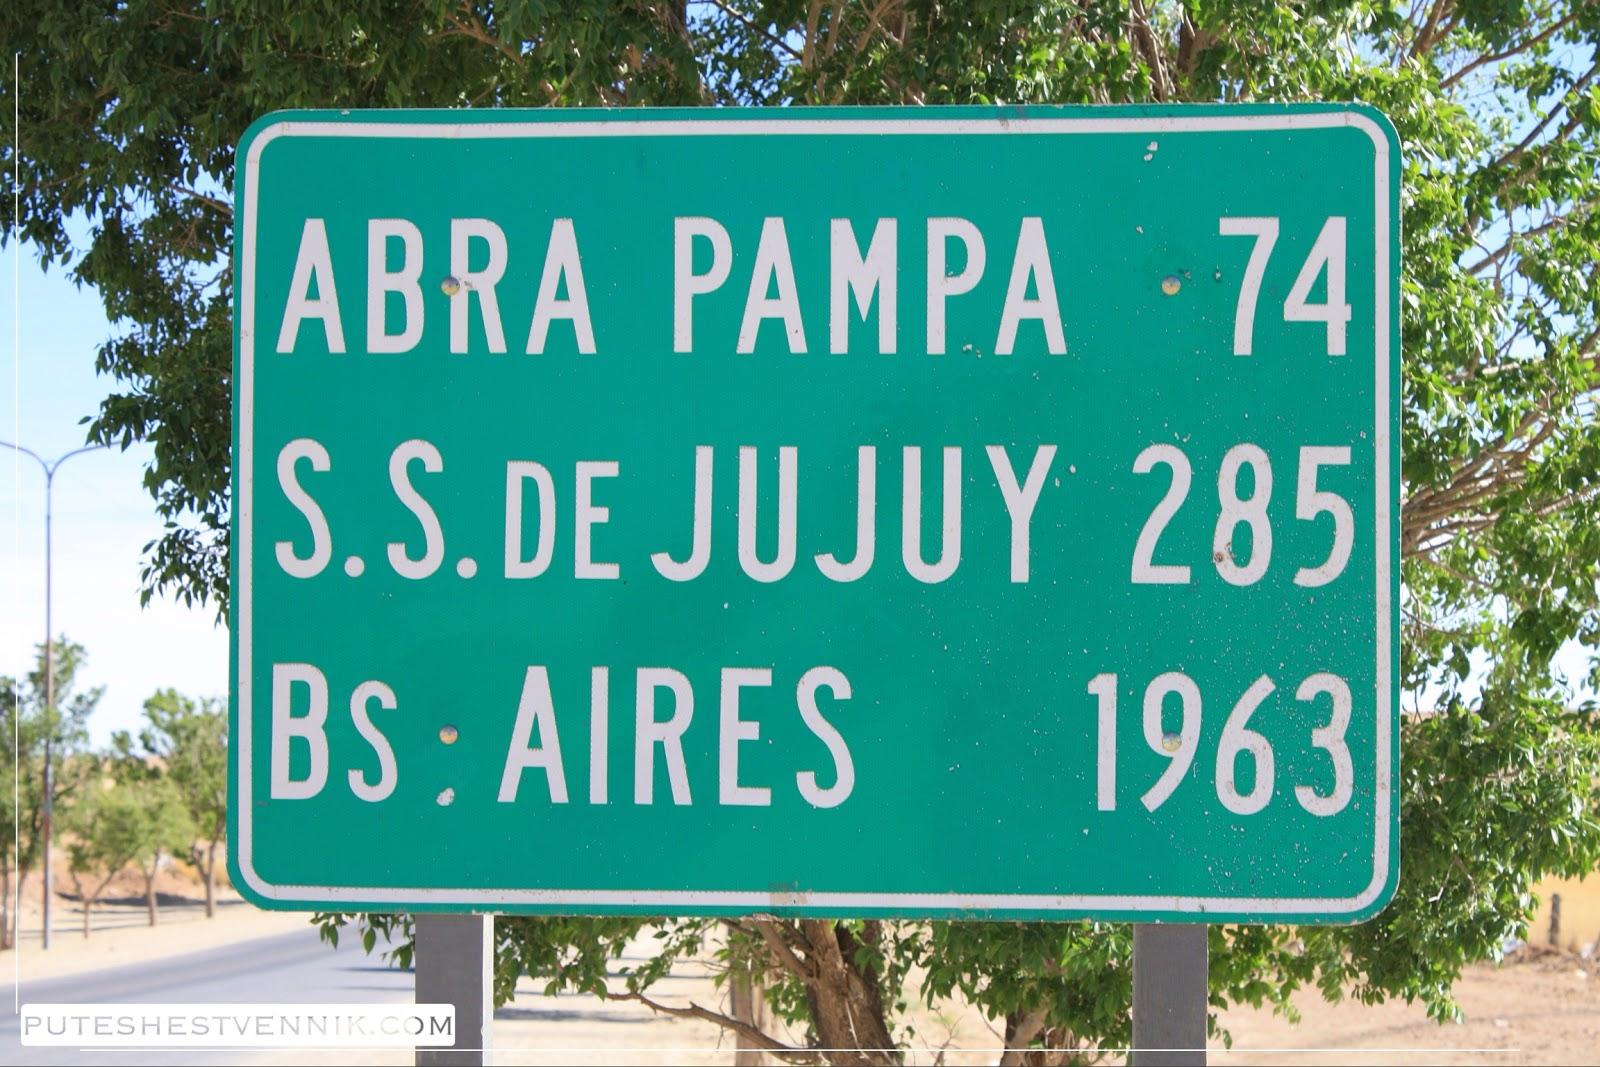 Знак с расстояниями в Аргентине